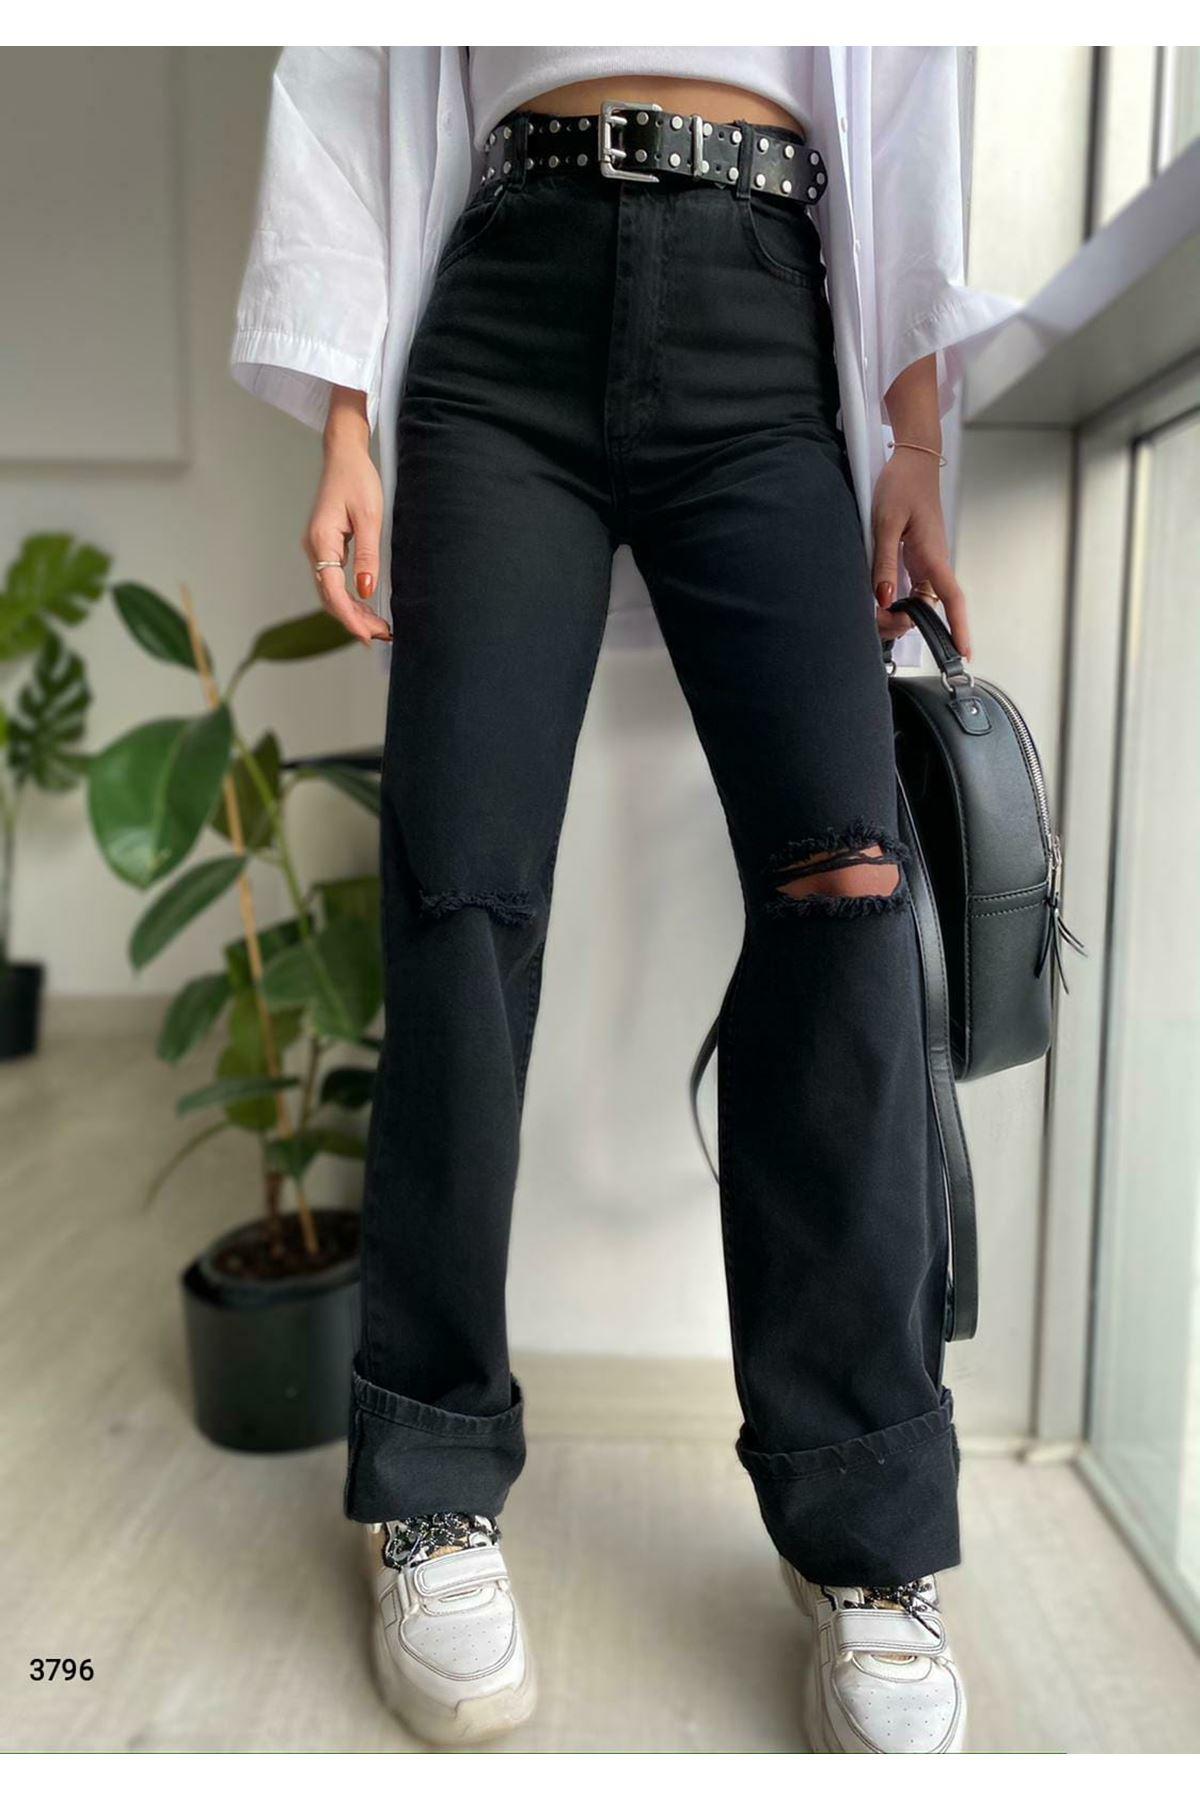 Dizi Yırtık Kot Pantolon - siyah